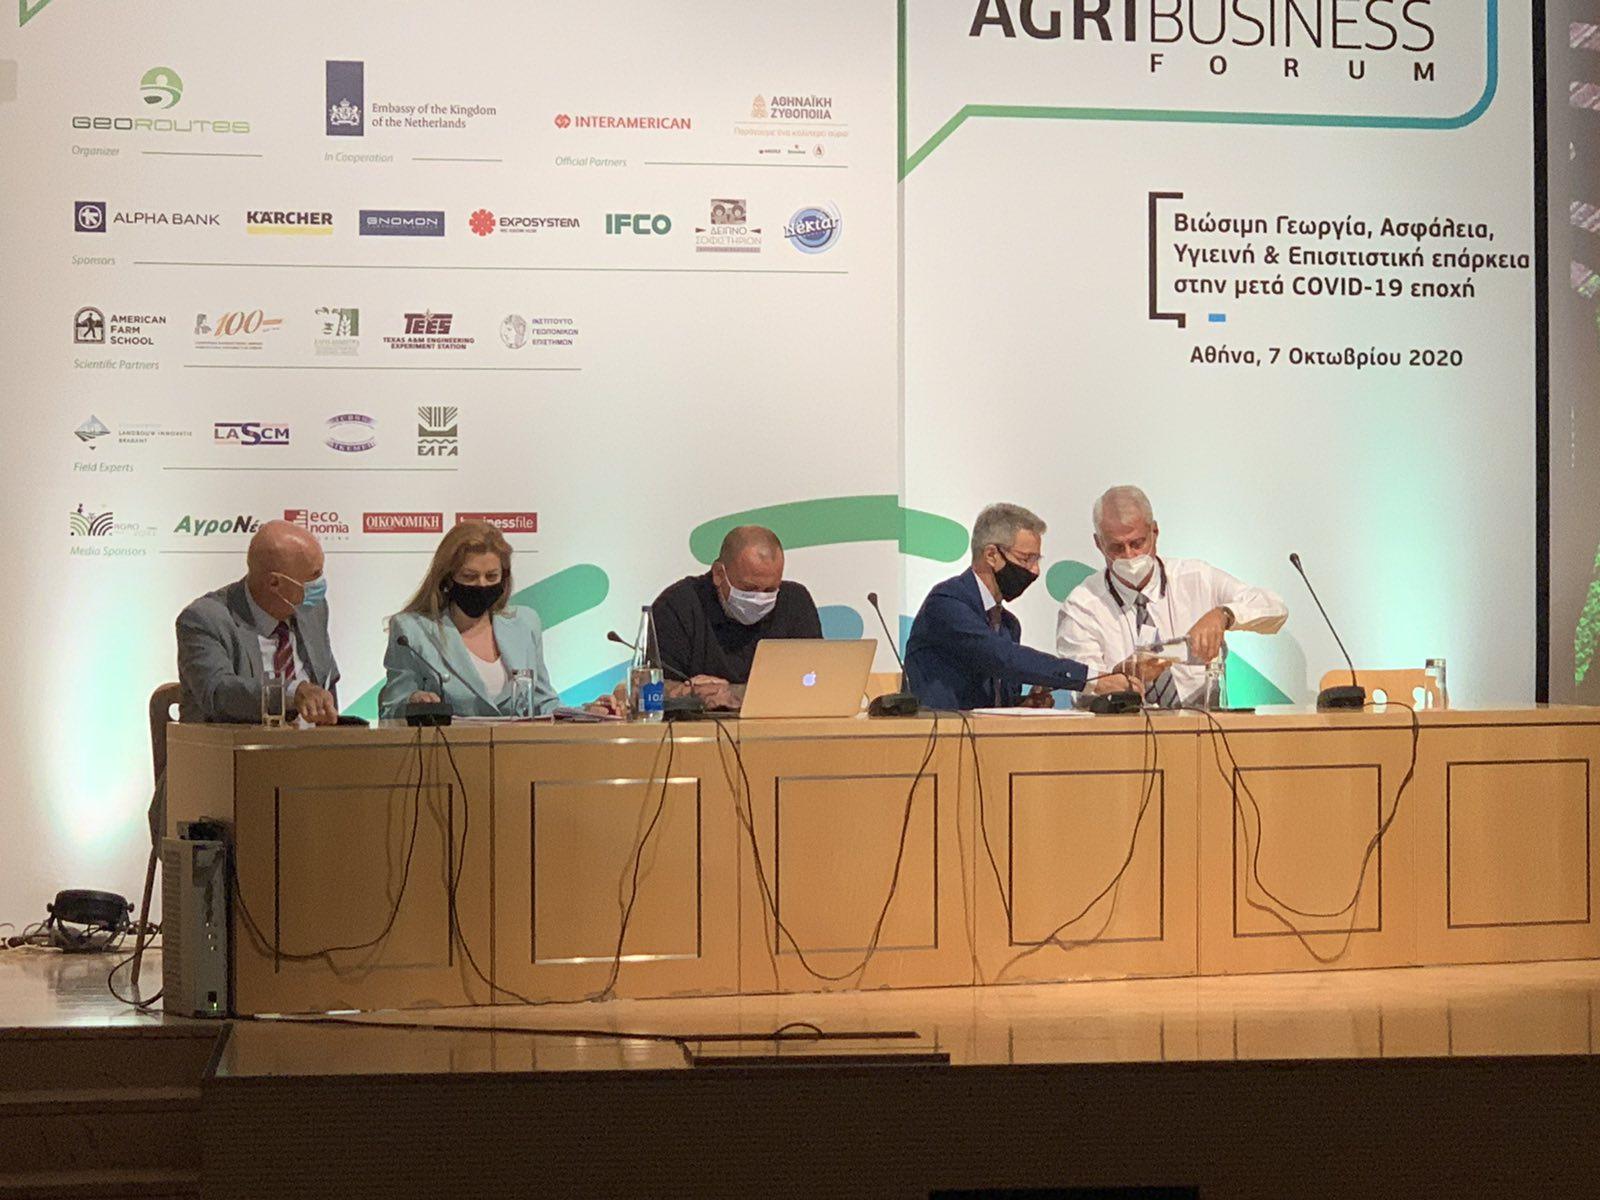 Στο AgriBusiness Forum ομιλήτρια η Πρόεδρος της Επιτροπής Περιβάλλοντος, Δρ. Αυγερινοπούλου